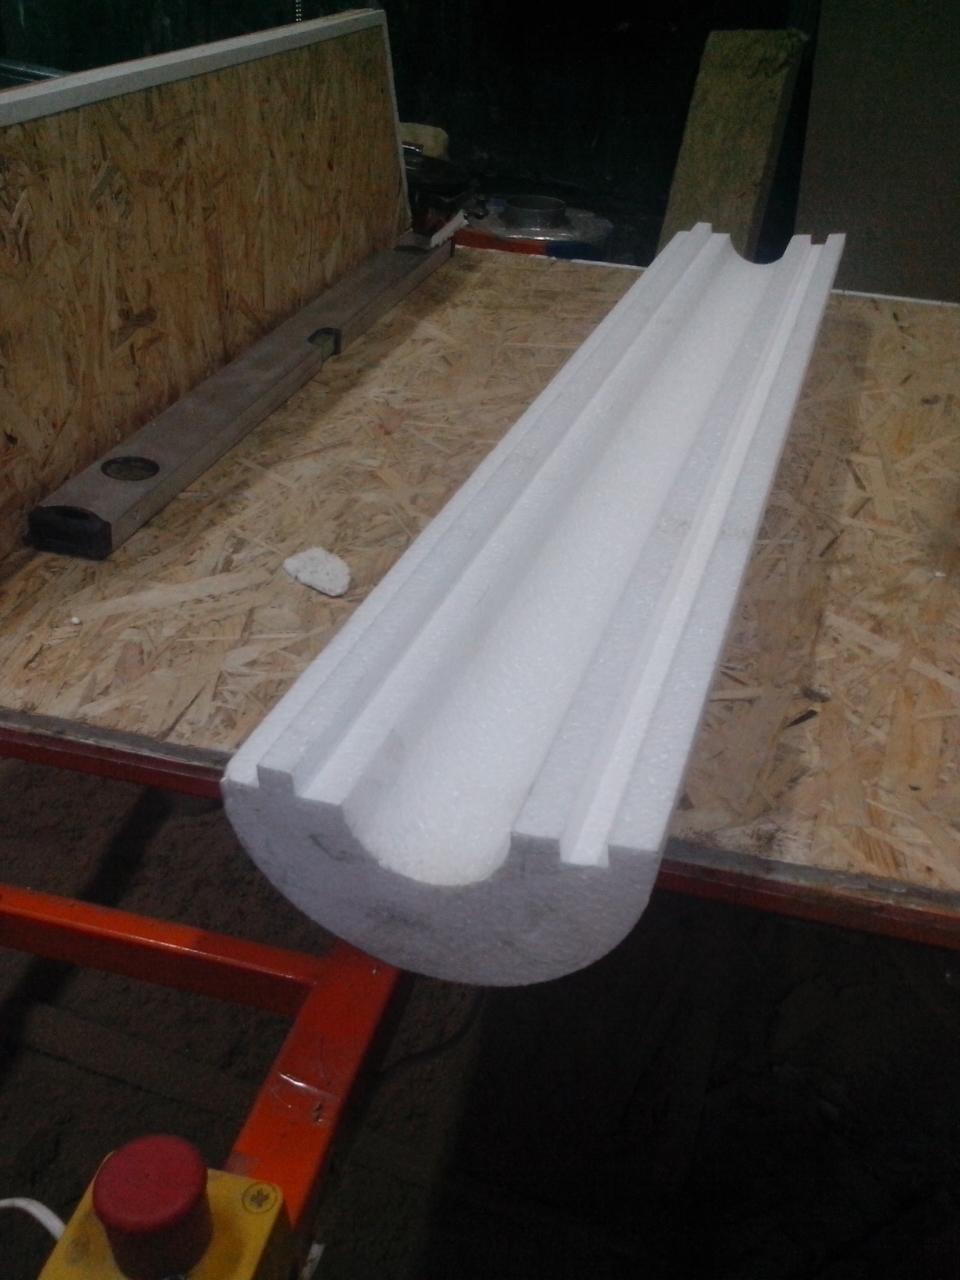 Утеплитель из пенопласта (пенополистирола) для труб Ø 45 мм толщиной 70 мм